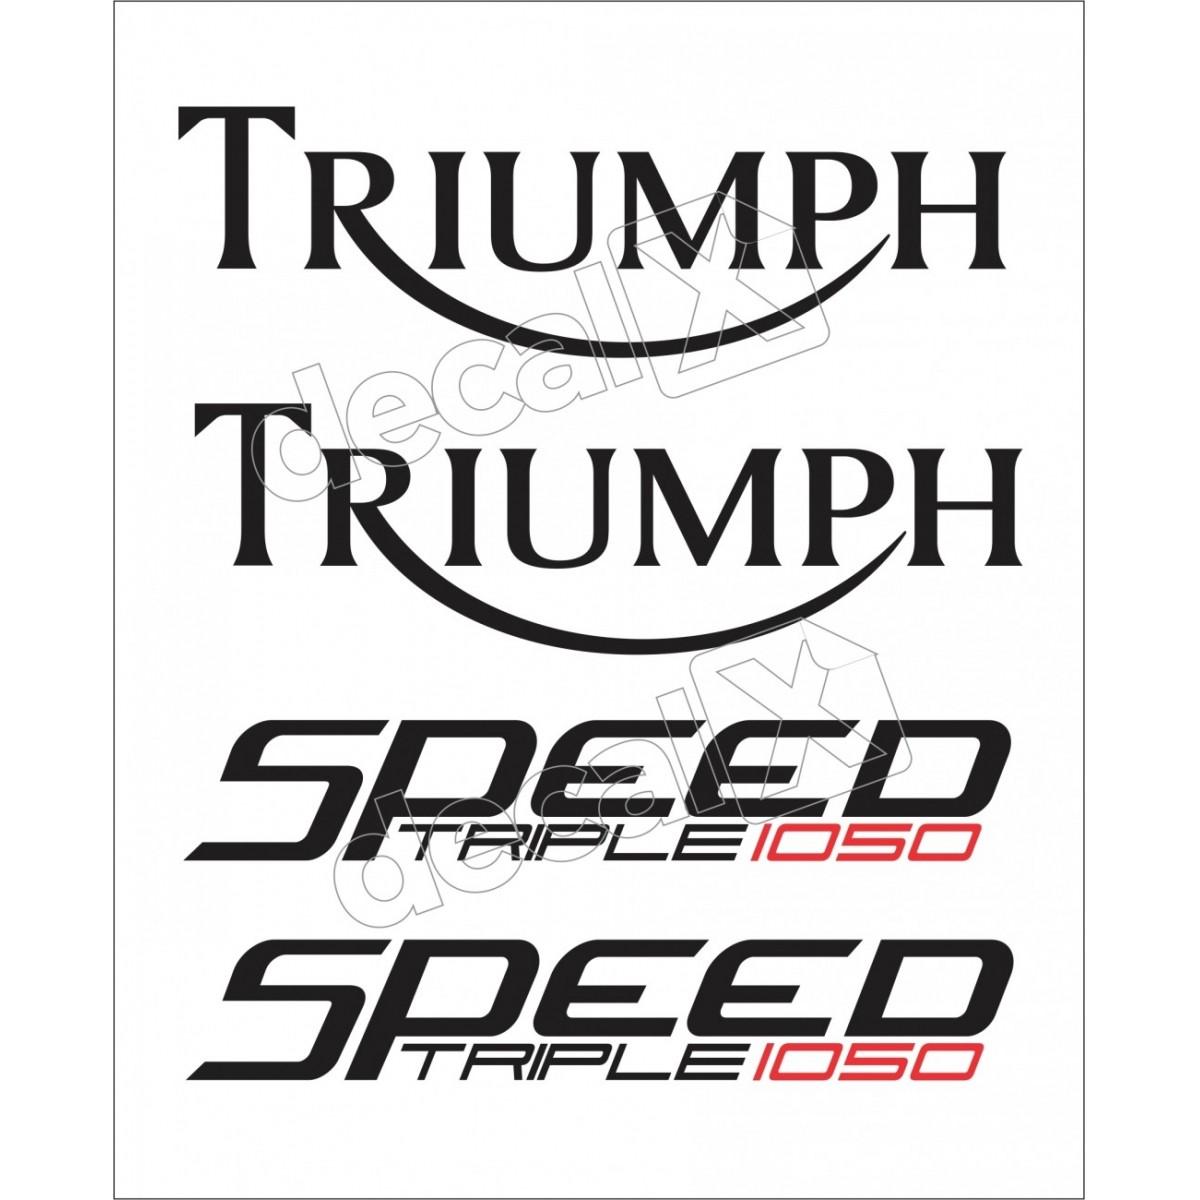 Kit Adesivos Triumph 1050 Speed Triple Branca Decalx